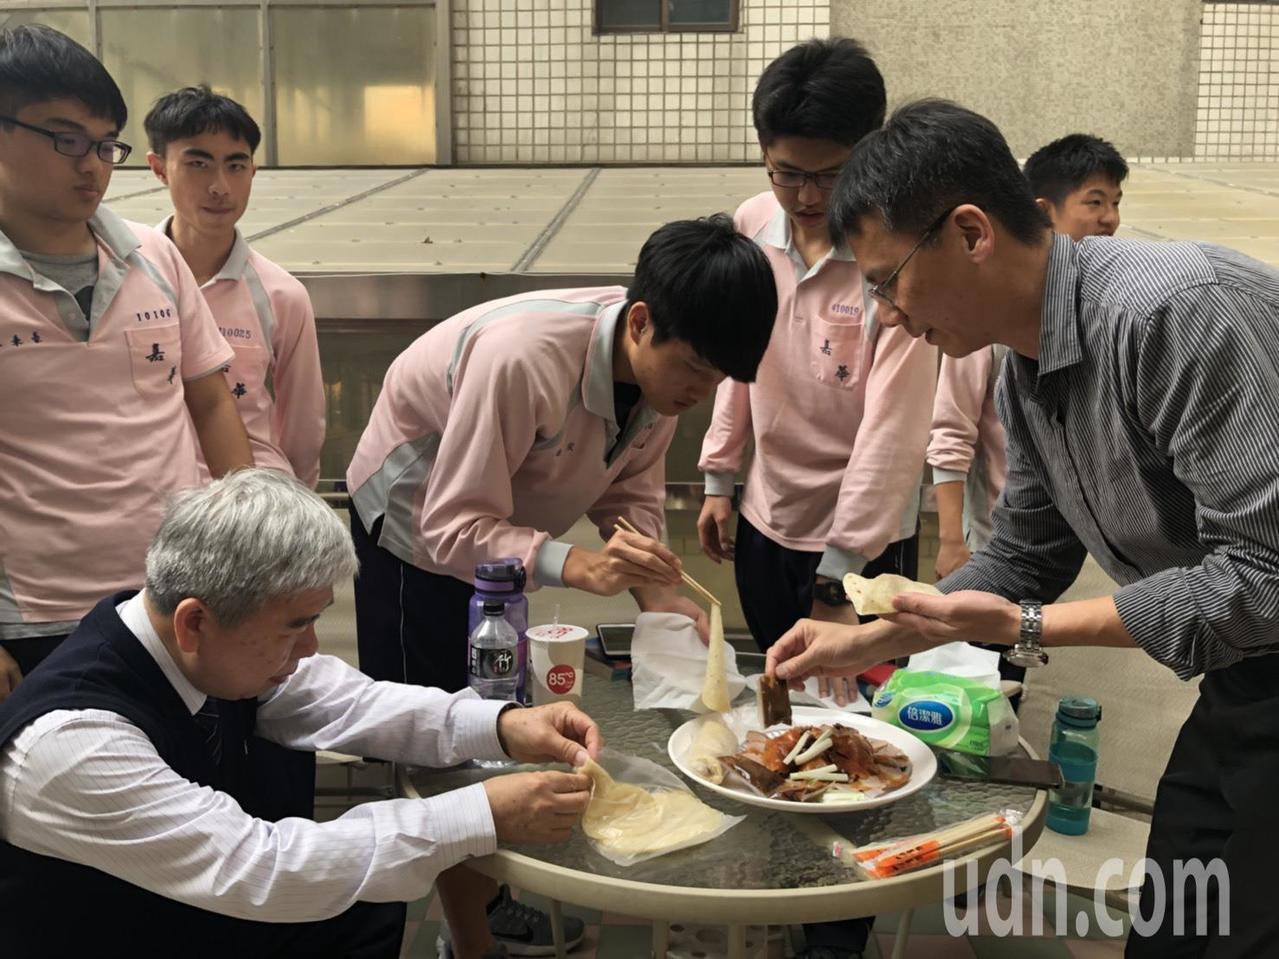 嘉華中學柳水燦、呂佳翰的班導師李惟勝、佳翰的同班同學今天下午到烤鴨店,品嘗佳翰親...